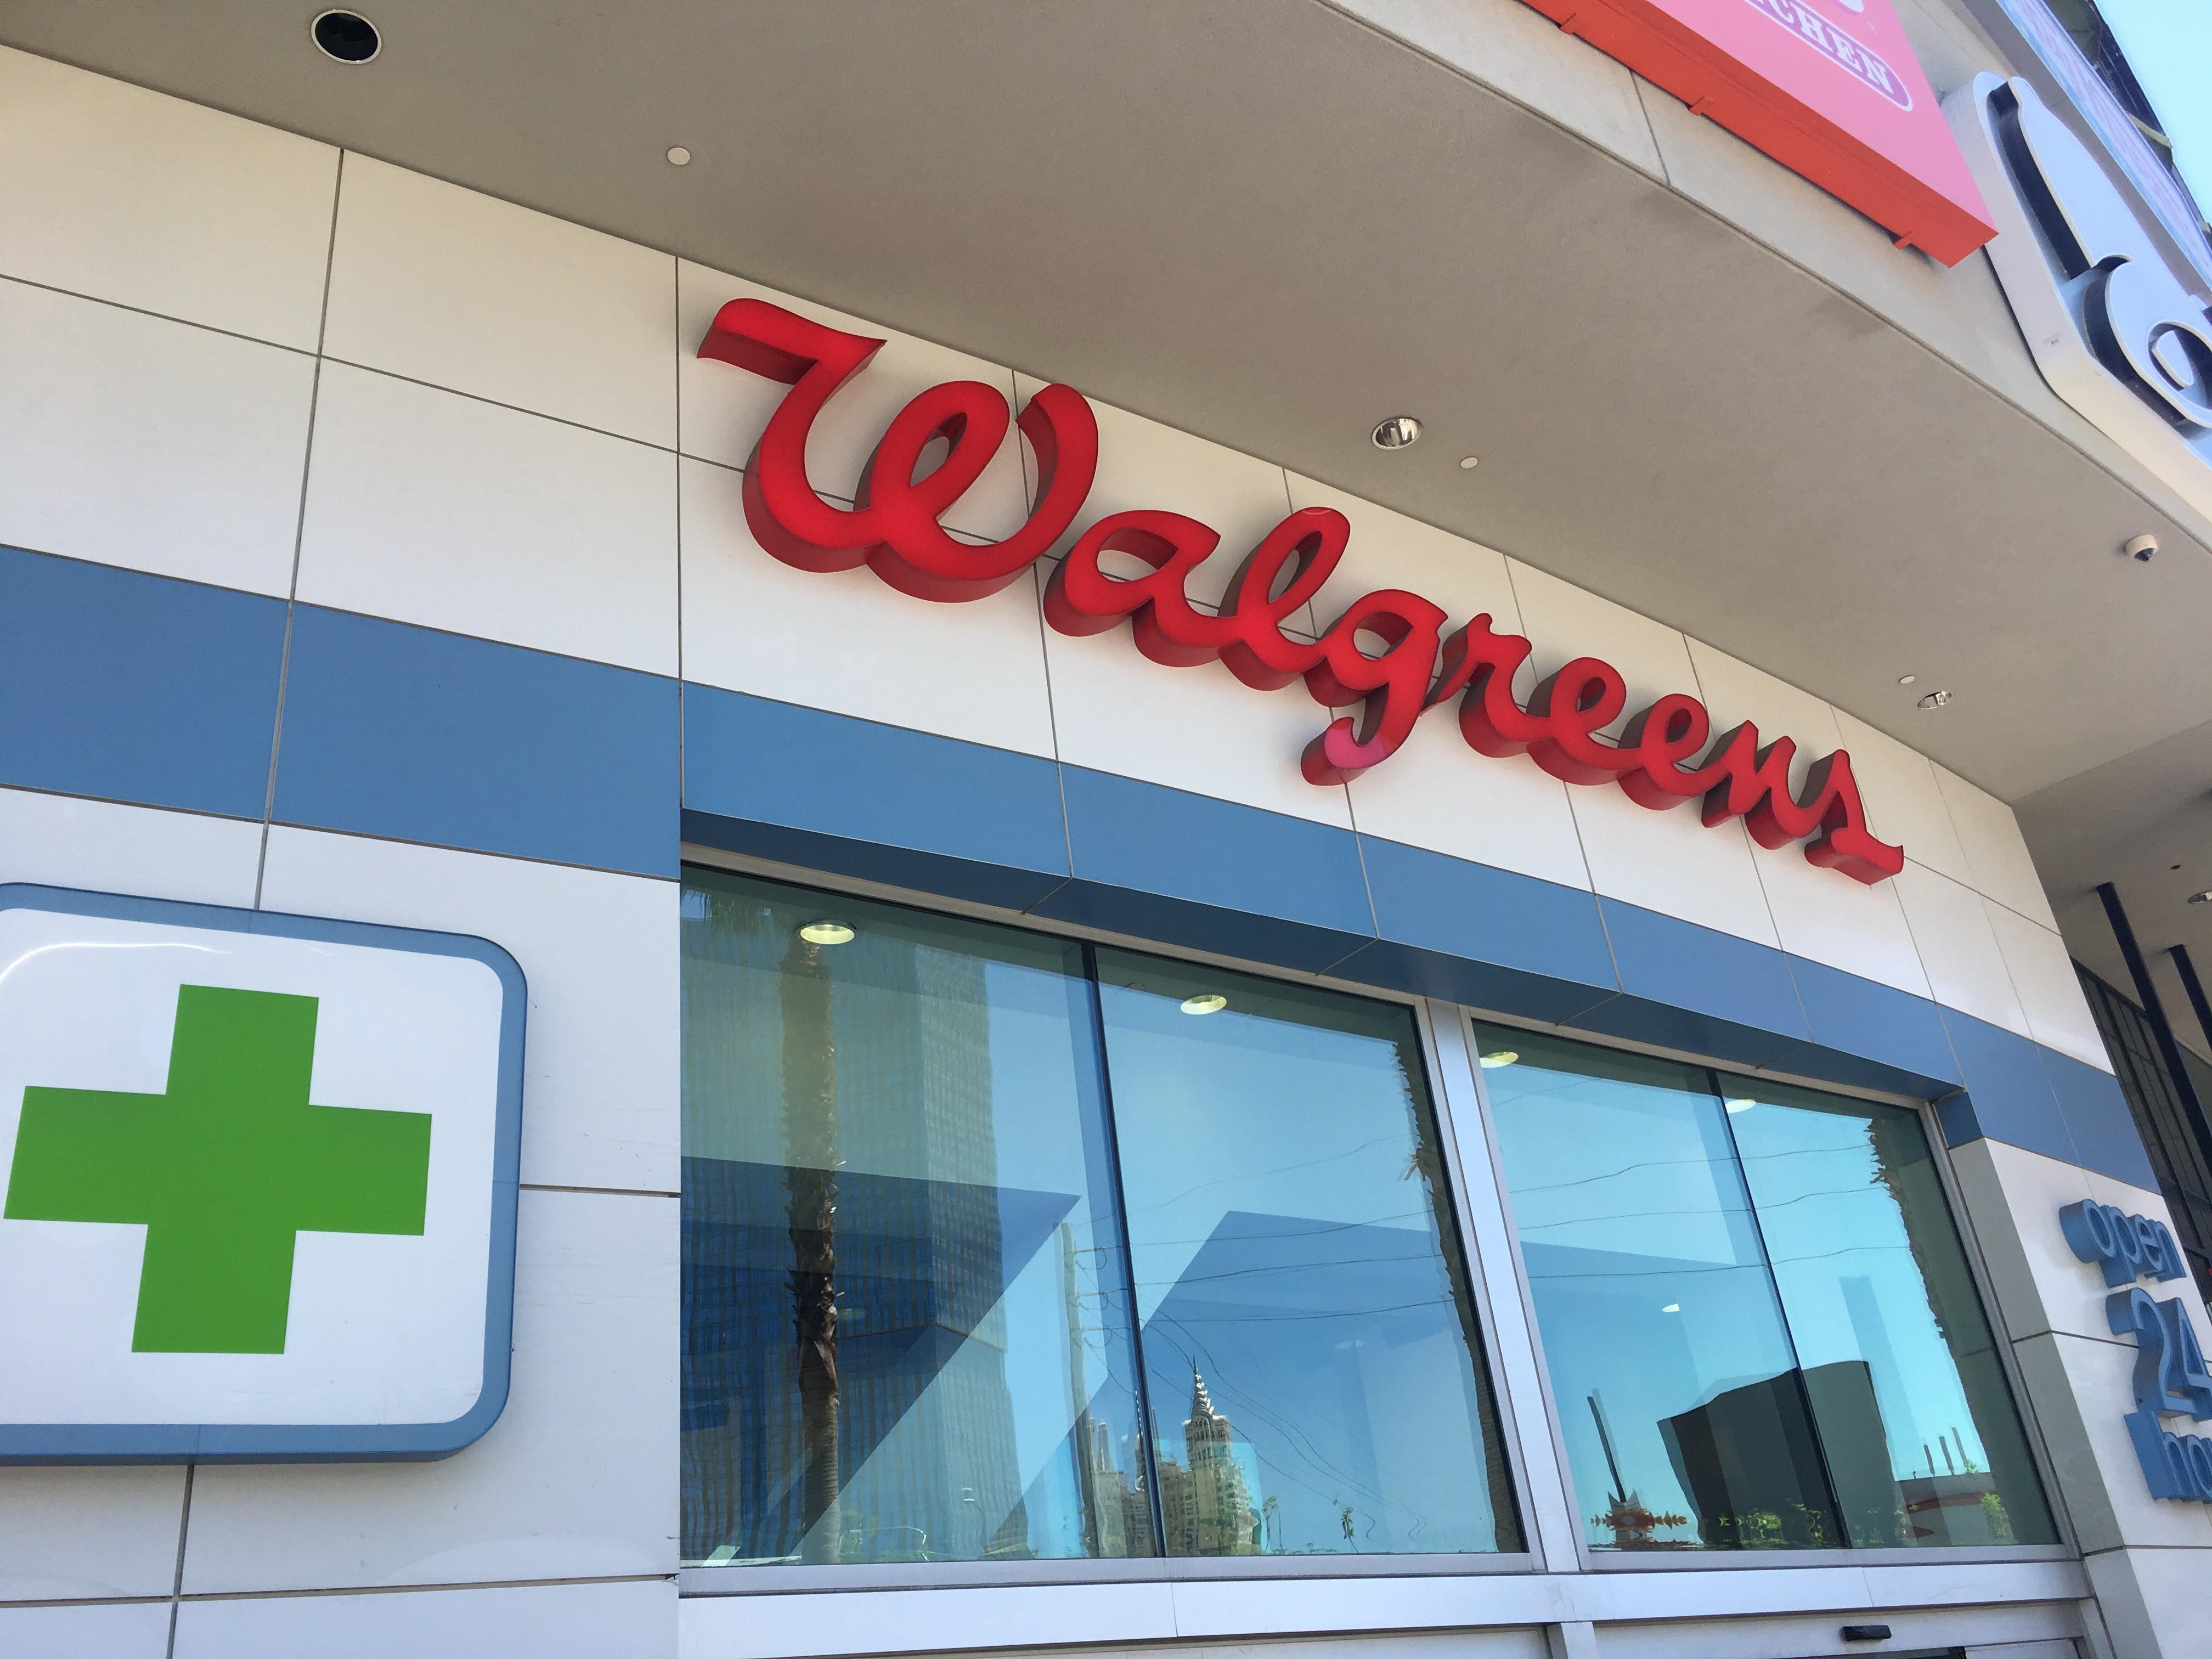 Walgreens | ラスベガスで「ミネラルウォーター」「自撮り棒」「日用品」を調達するなら間違いなくココが重宝!